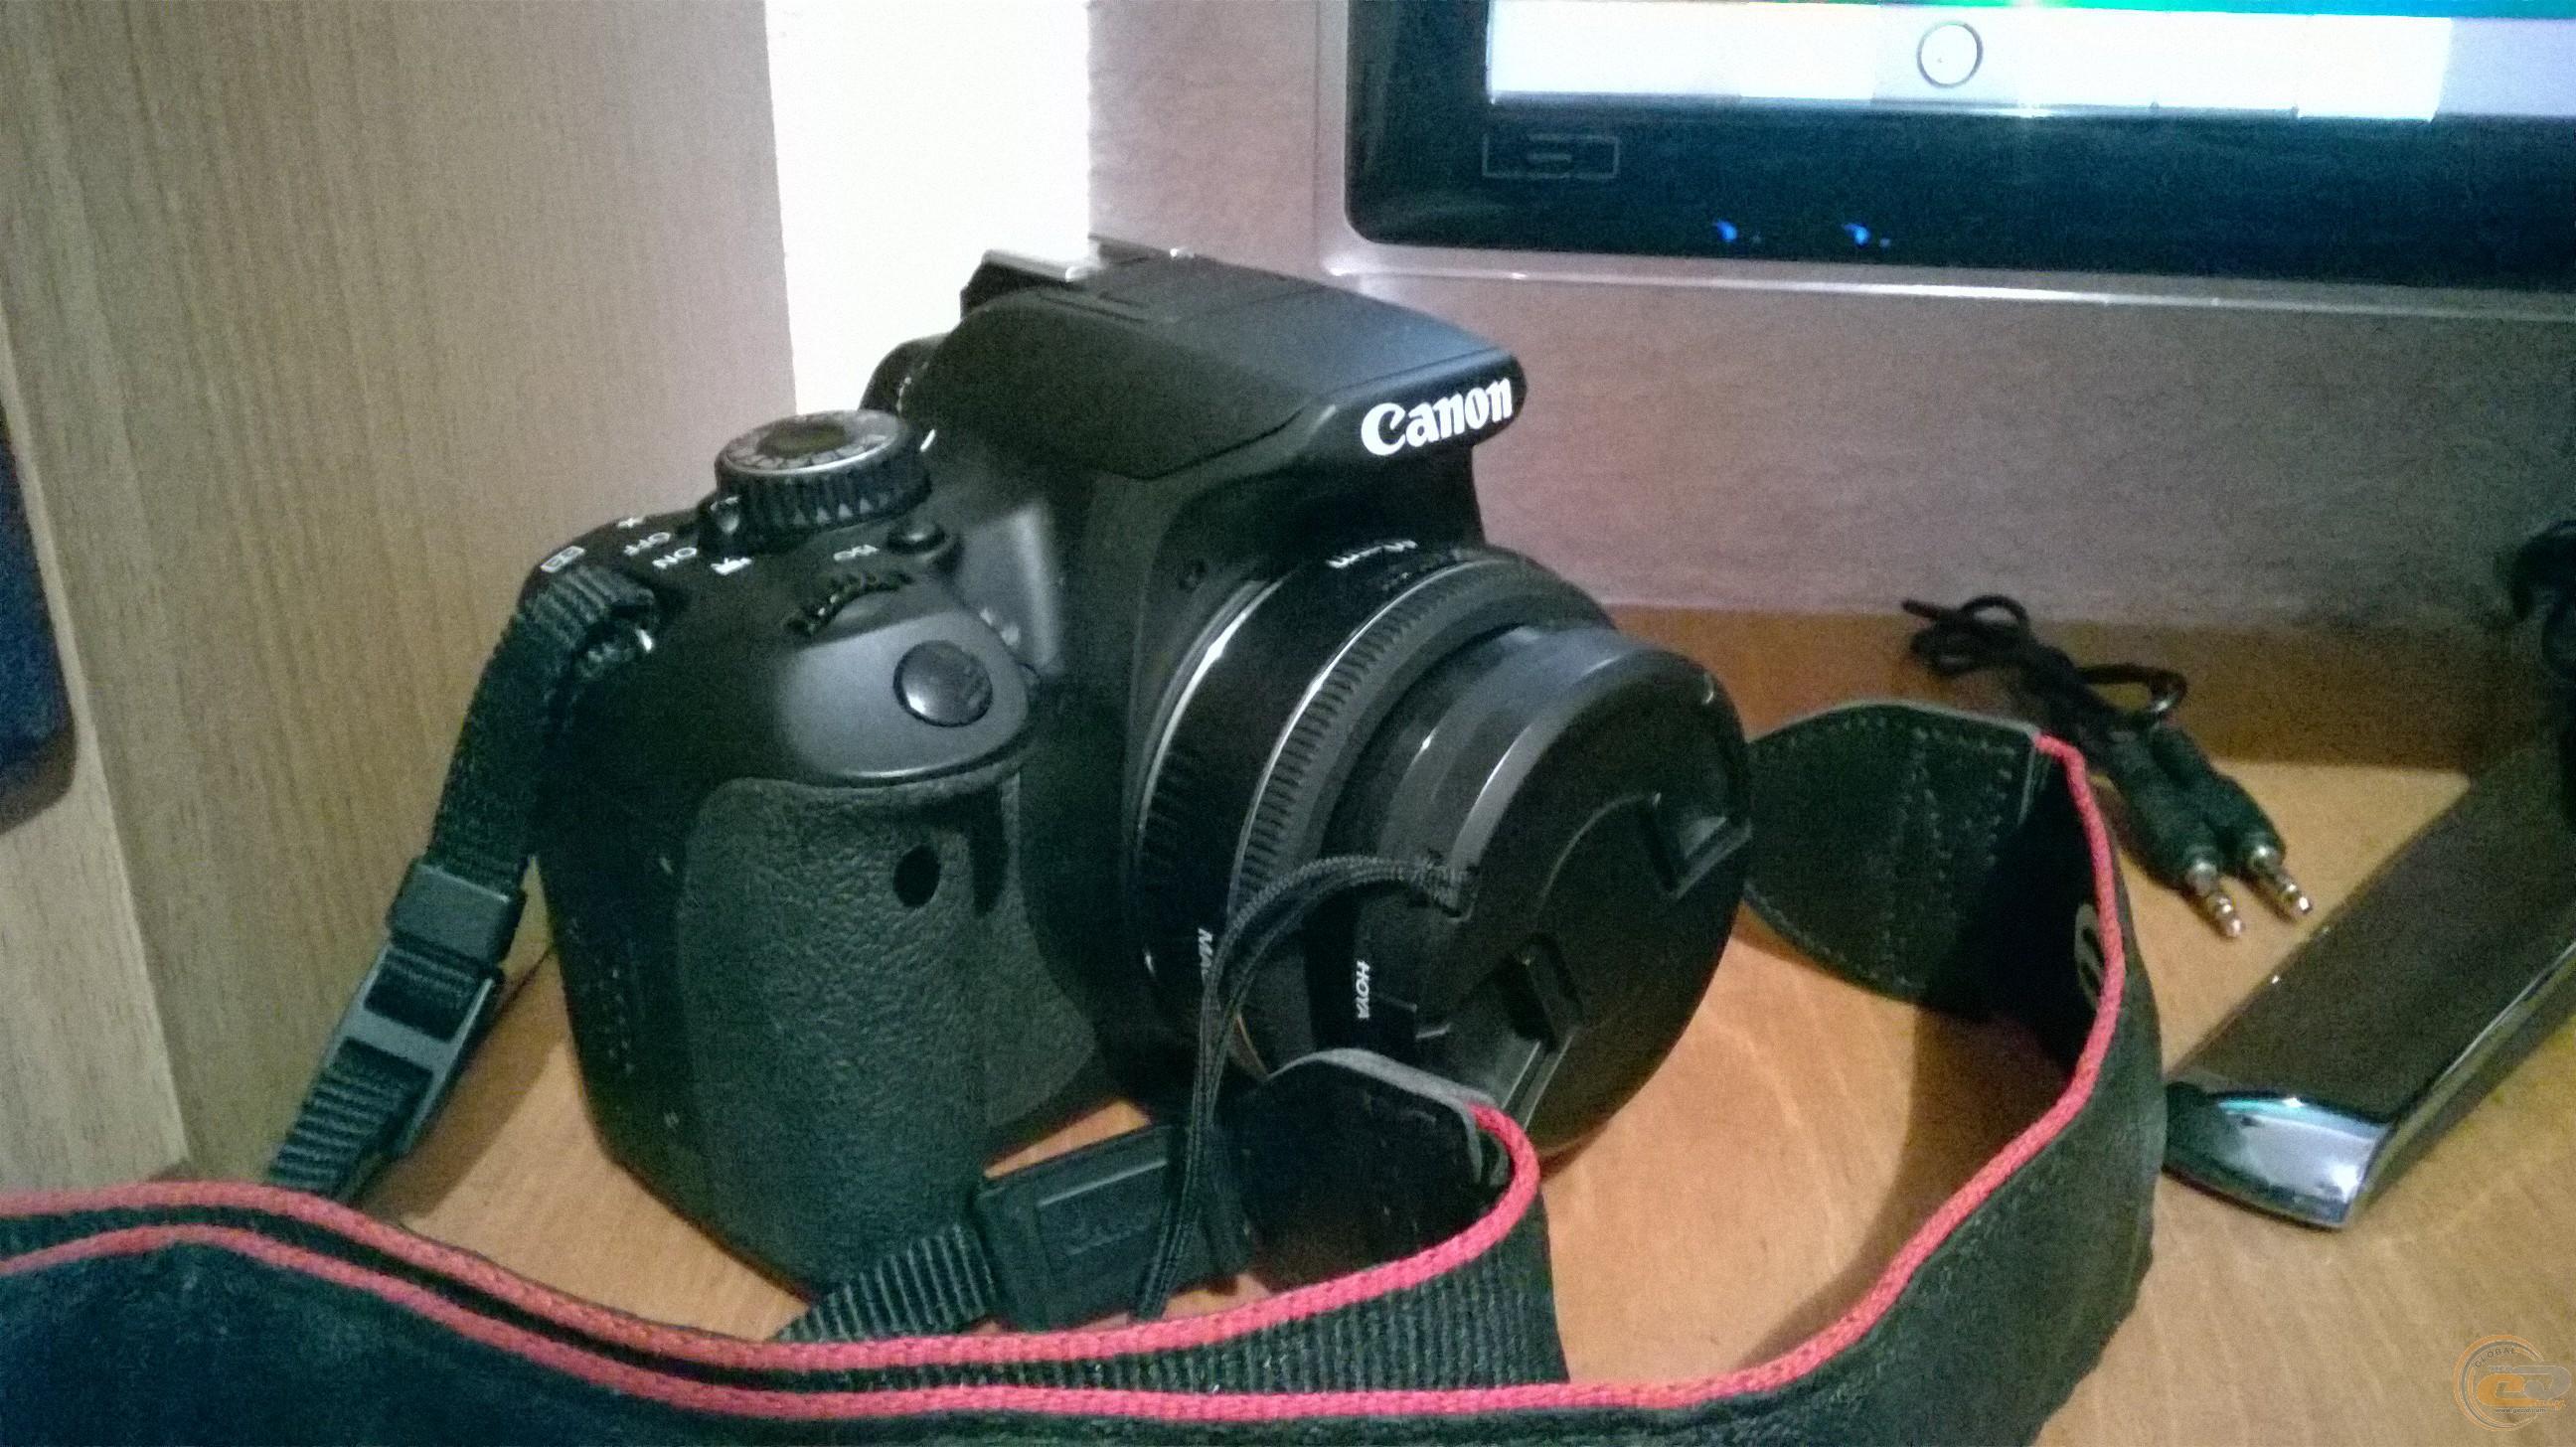 Фото с украденных или потерянных фотоаппаратов 14 фотография